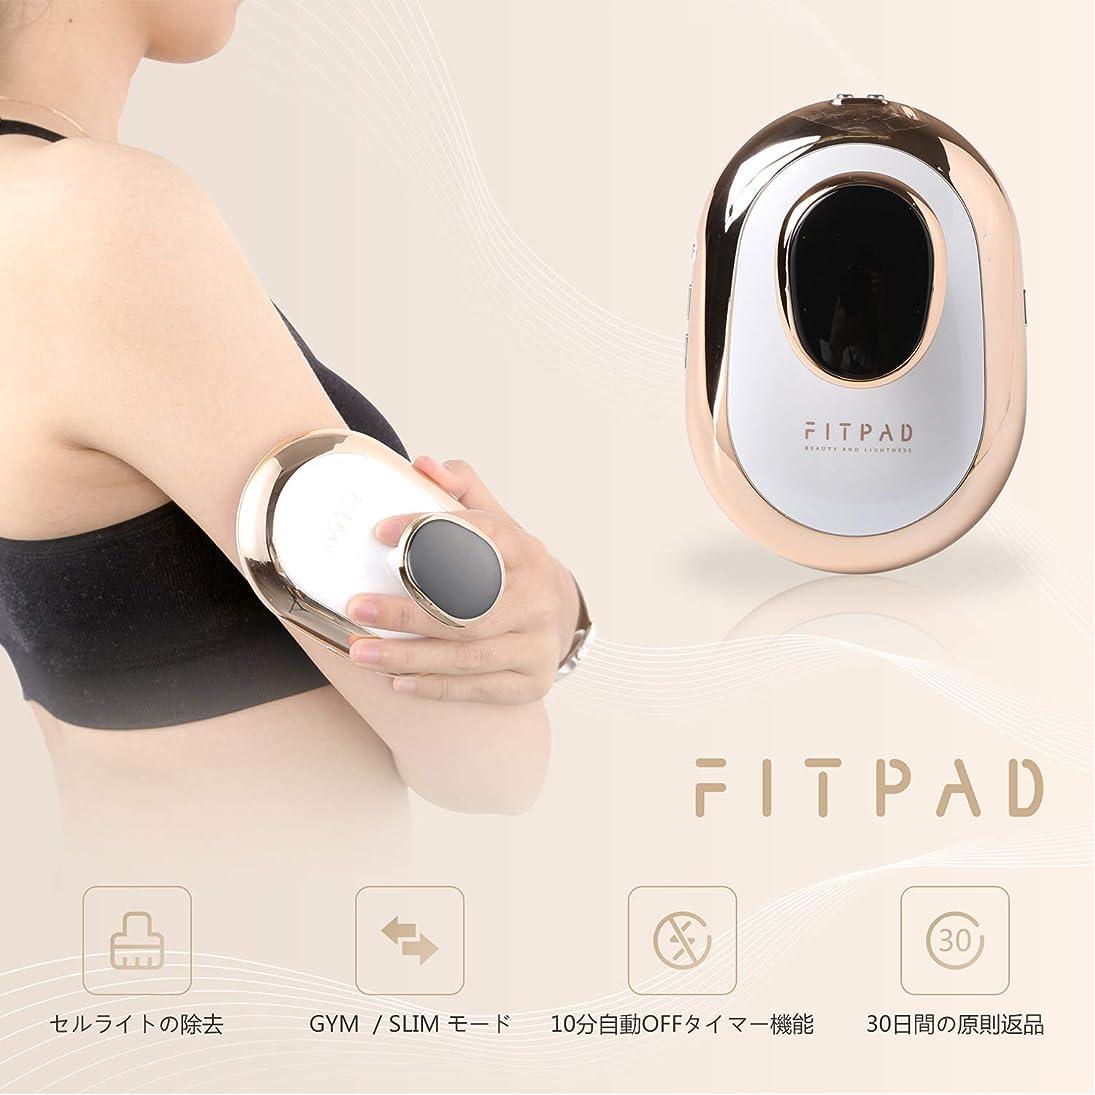 顔料王位日FITPAD 家庭用キャビテーション機器 複合中周波EMS 痩身 運動機器 健康機械 男女兼用 2種類モード 6段階強